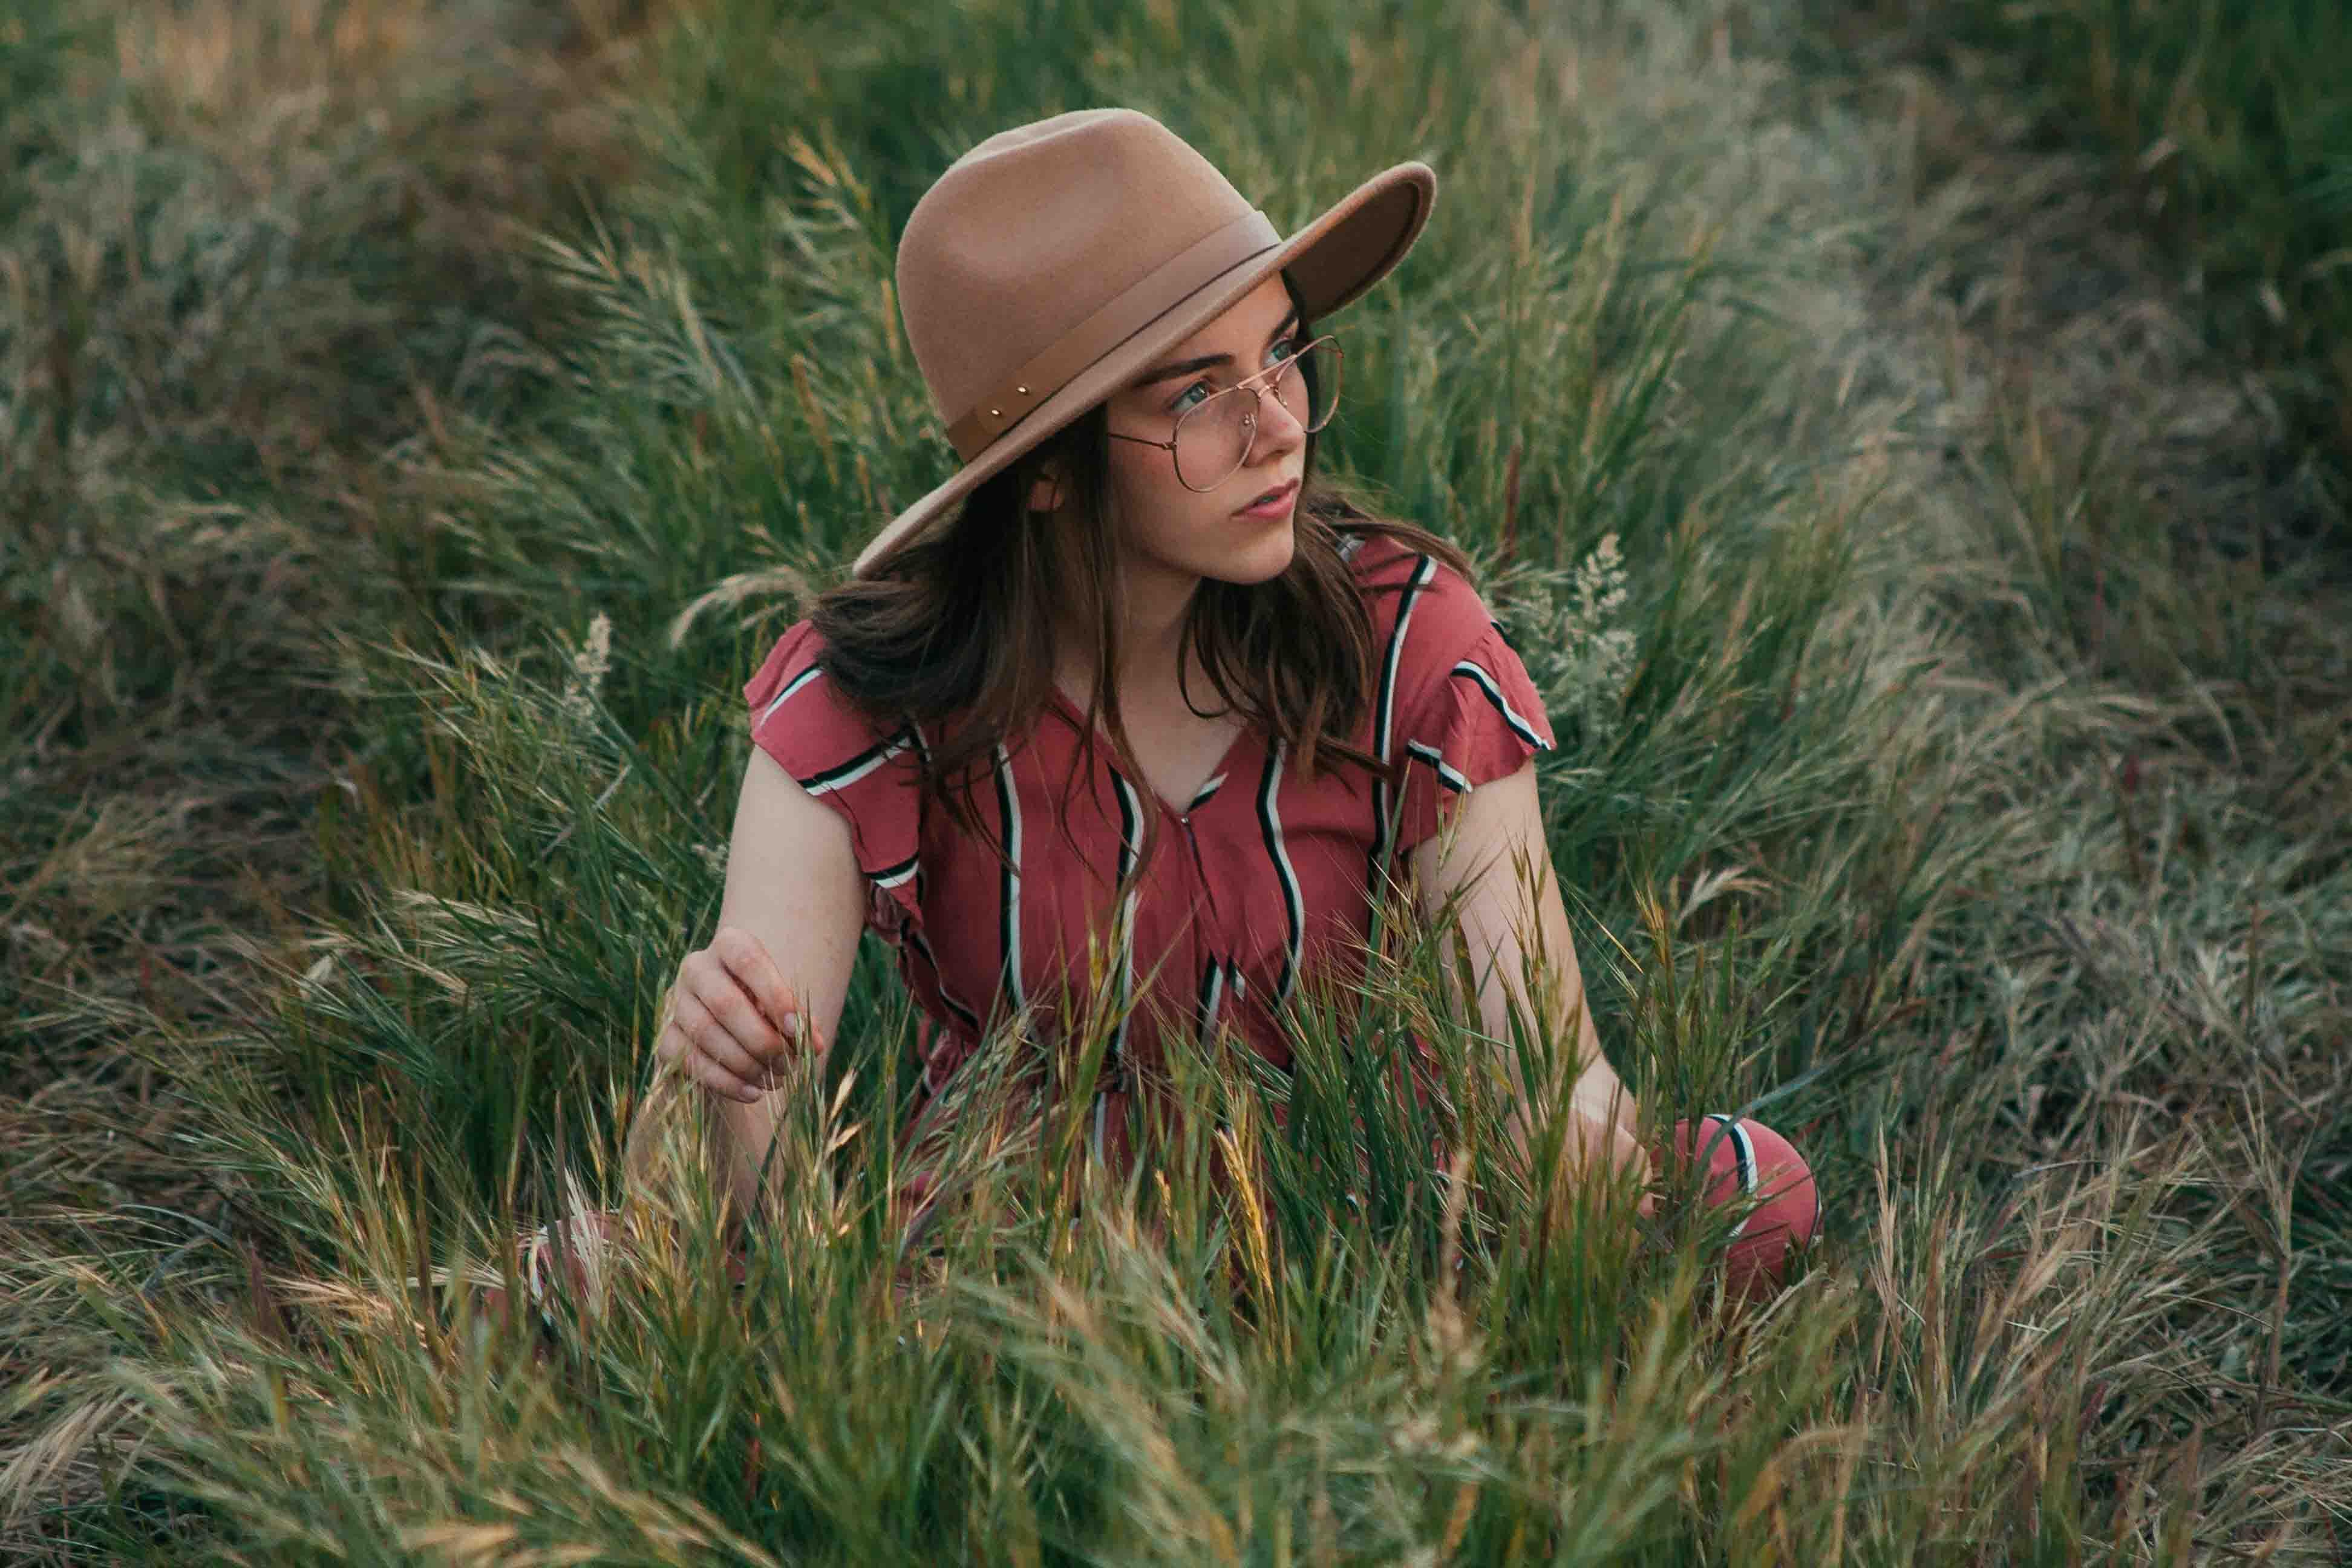 cô gái ngồi giữa đồng cỏ